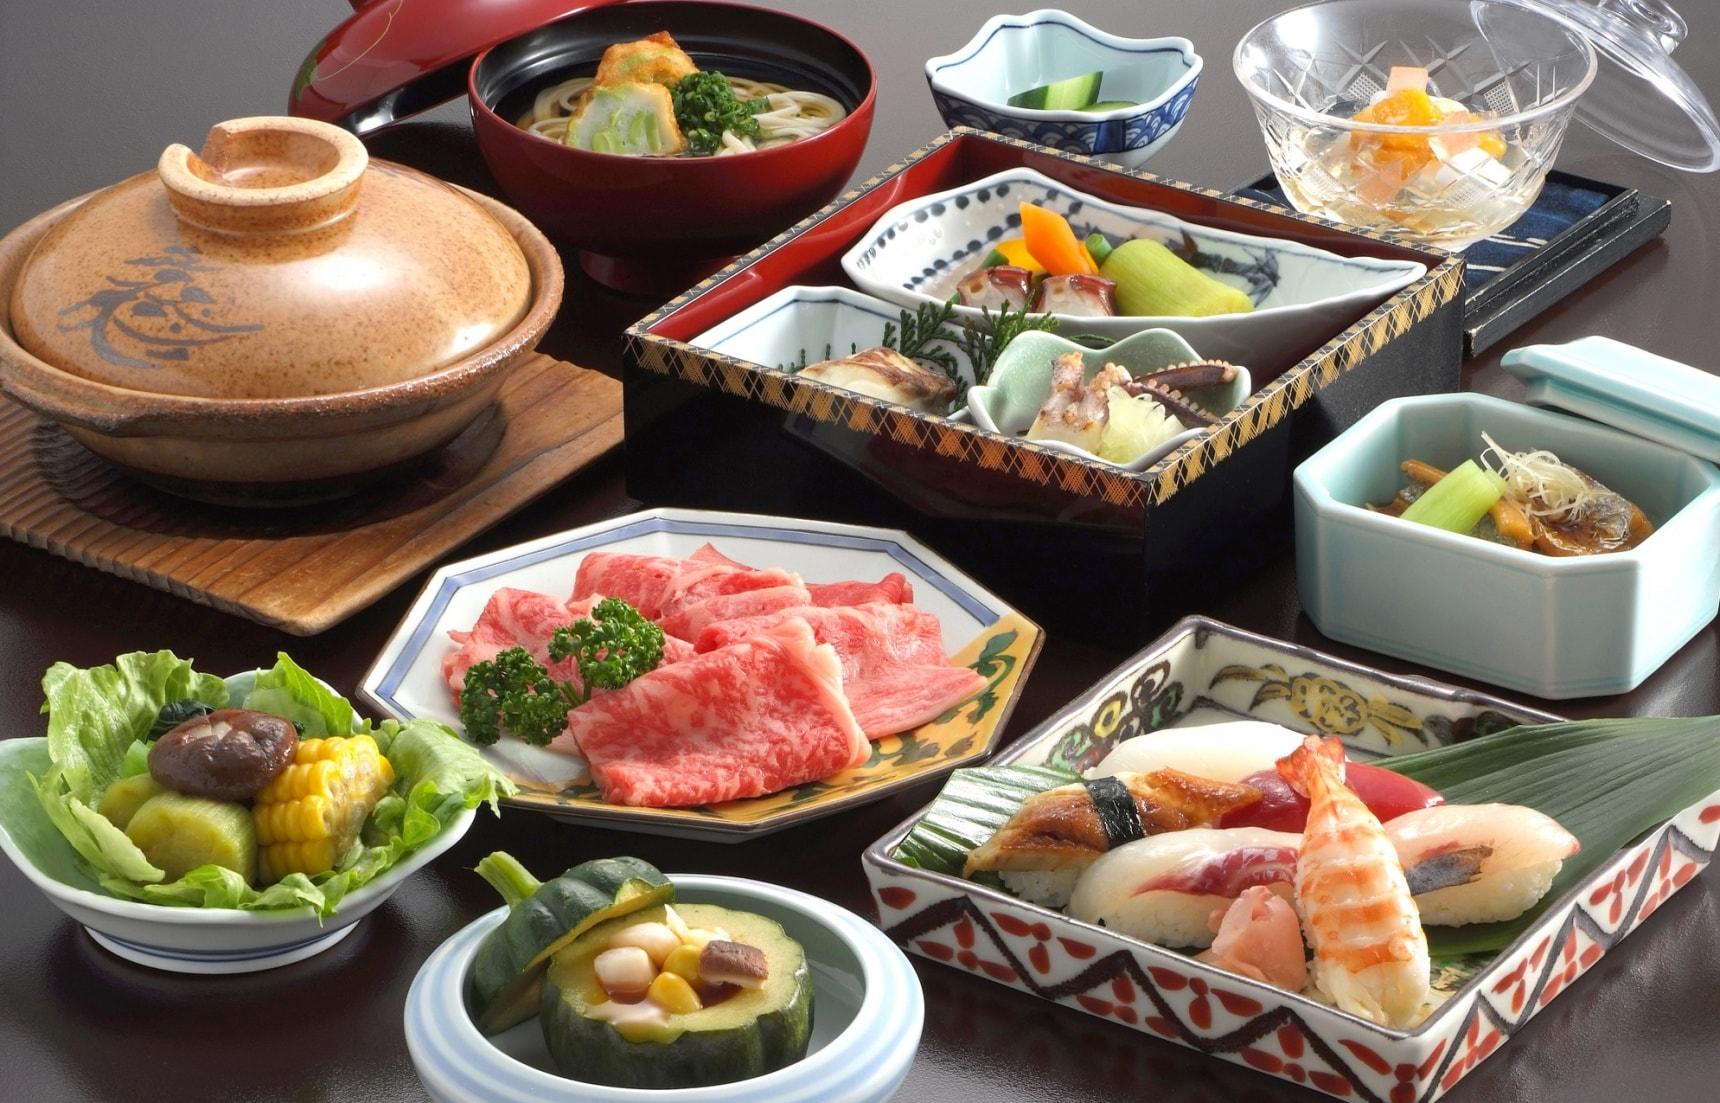 日本美食:岛国食文化——什么是令日本人感到幸福的食物?